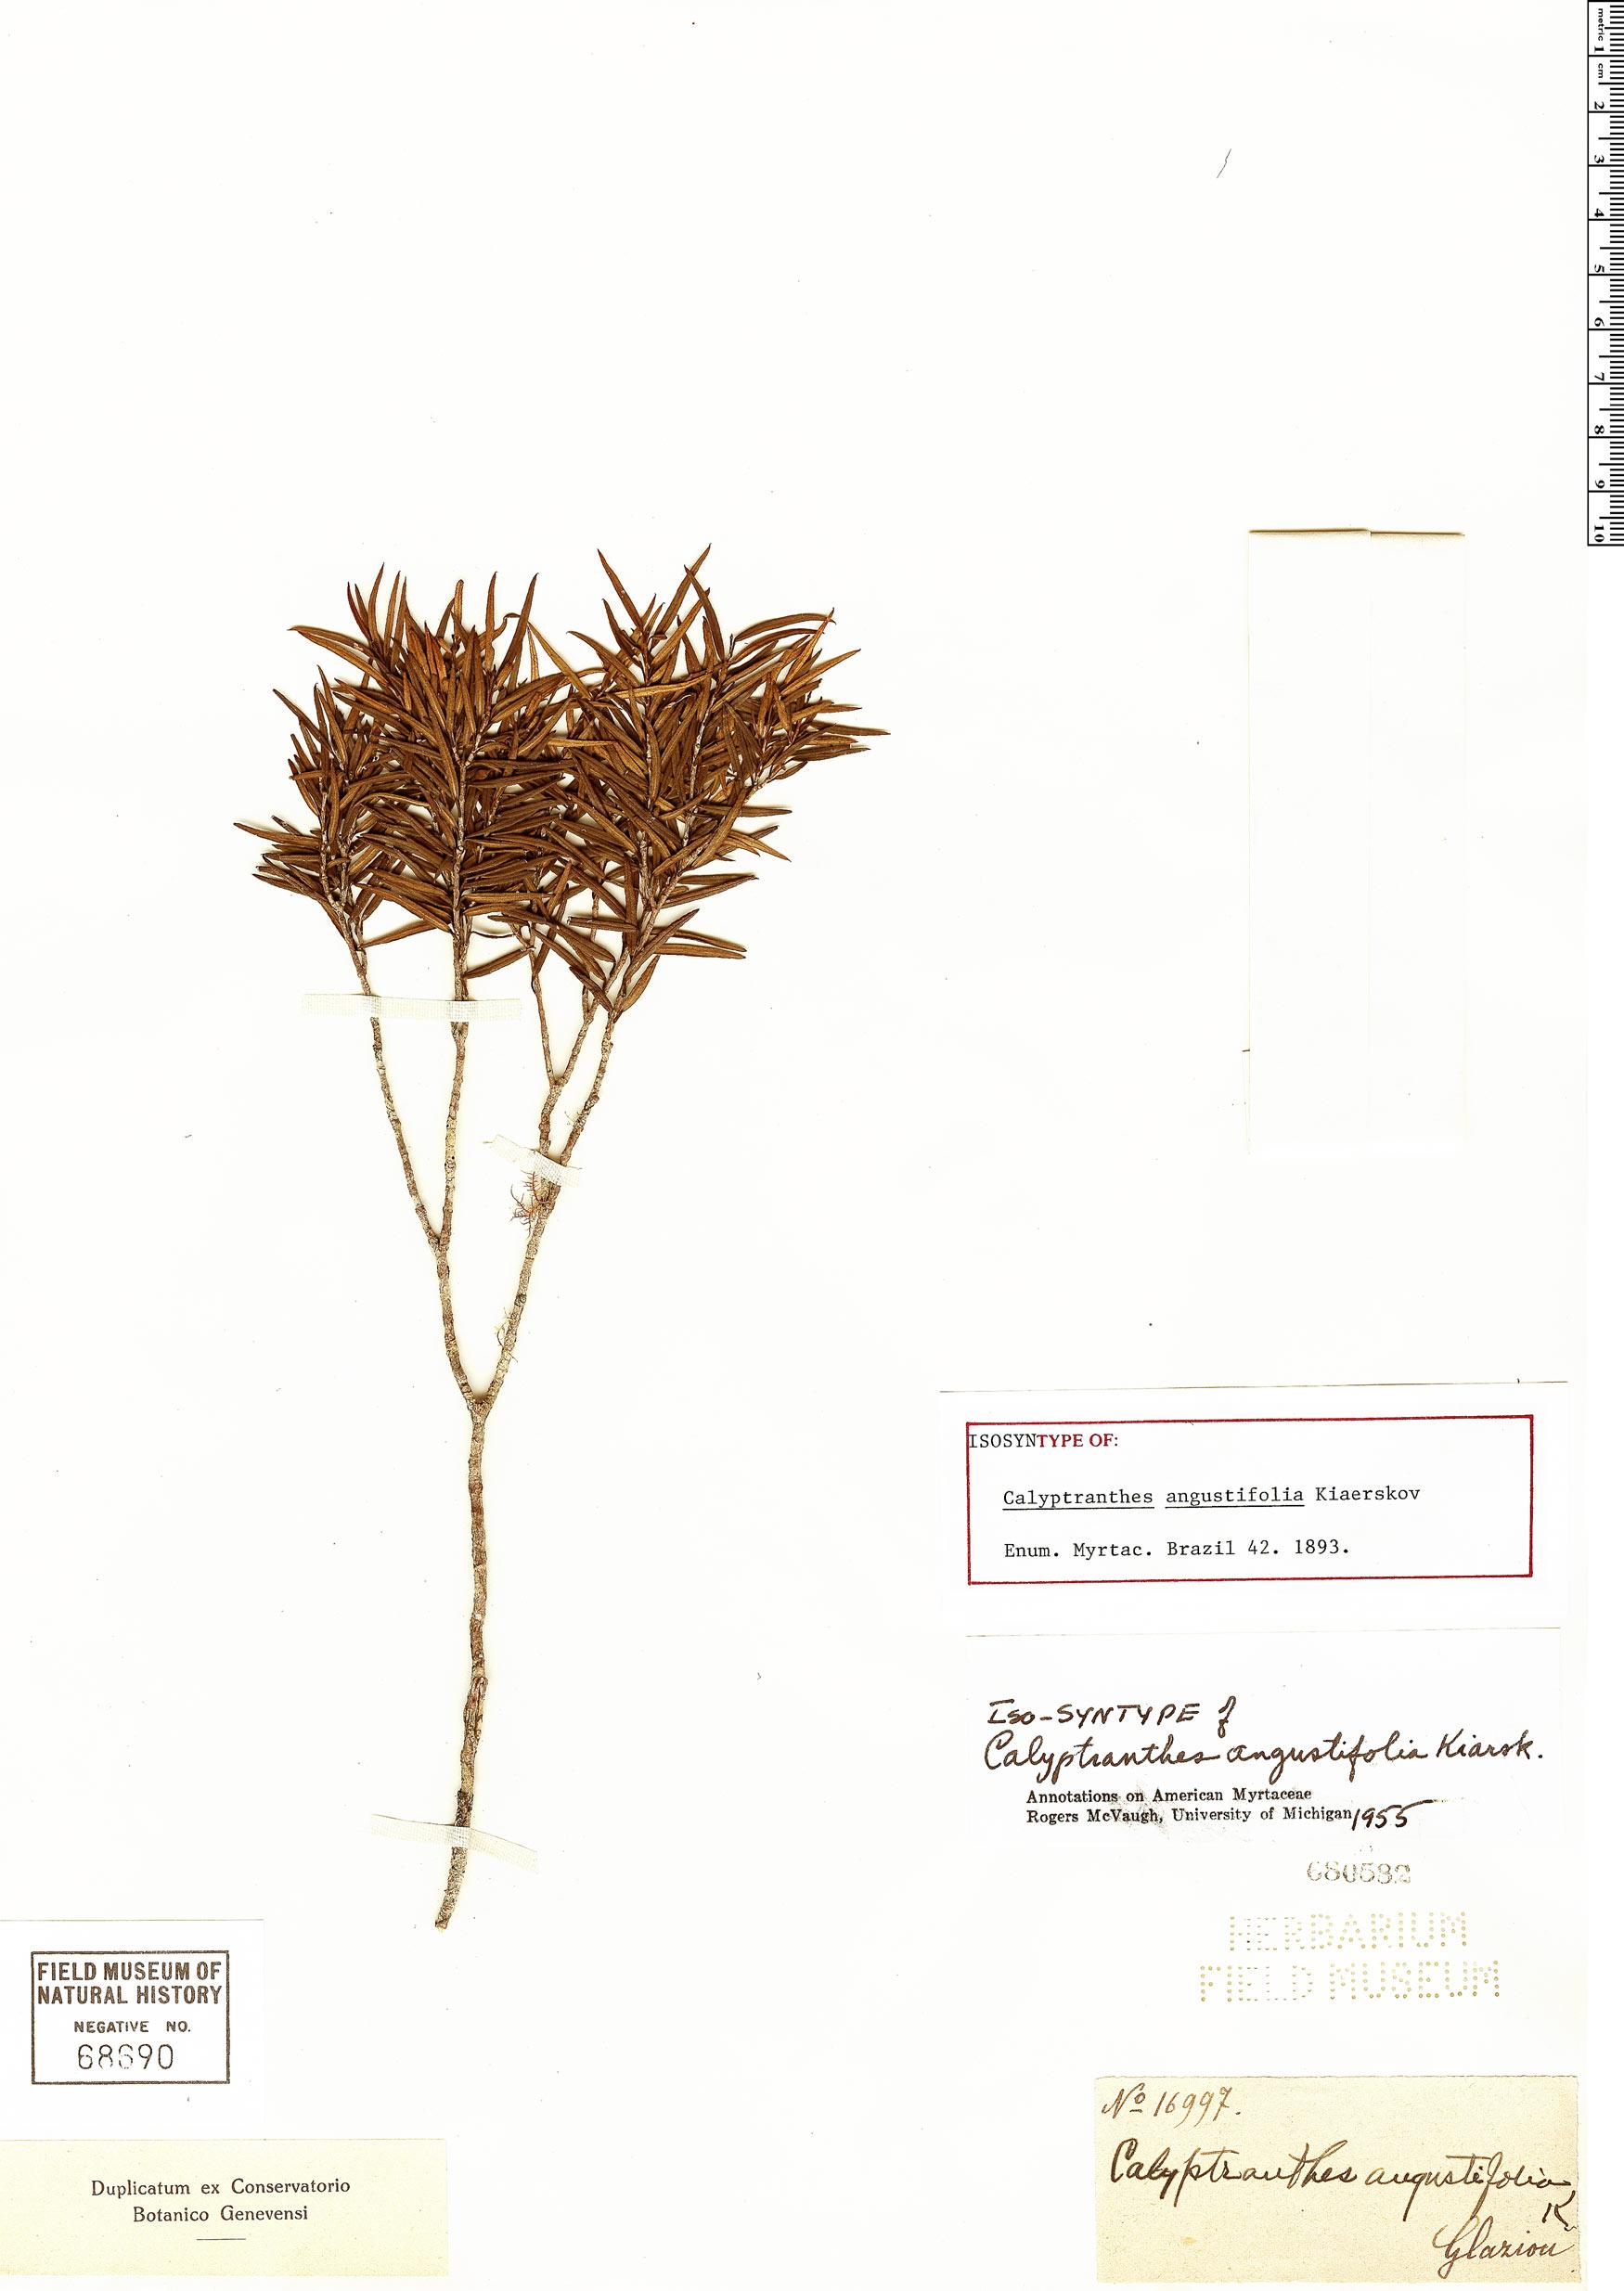 Specimen: Calyptranthes angustifolia